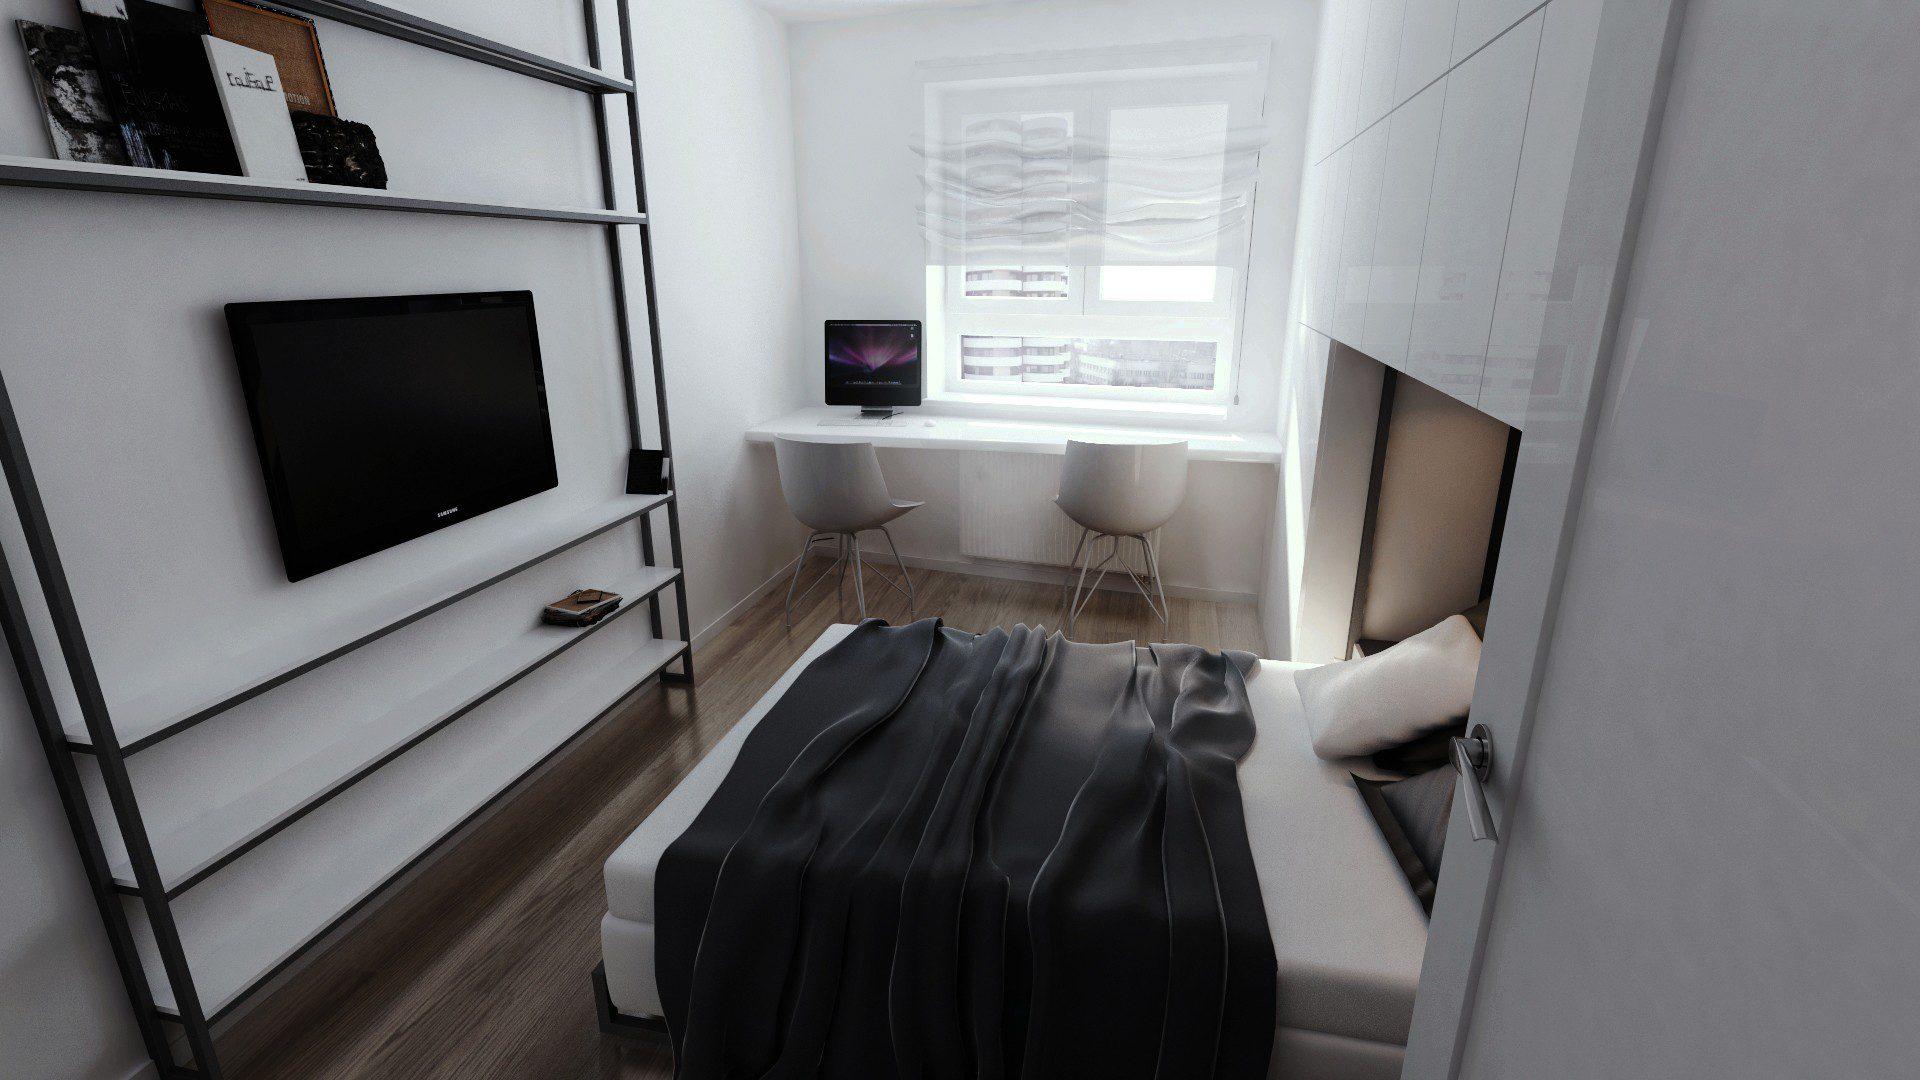 sypialnia w bloku wizualizacja architektoniczna